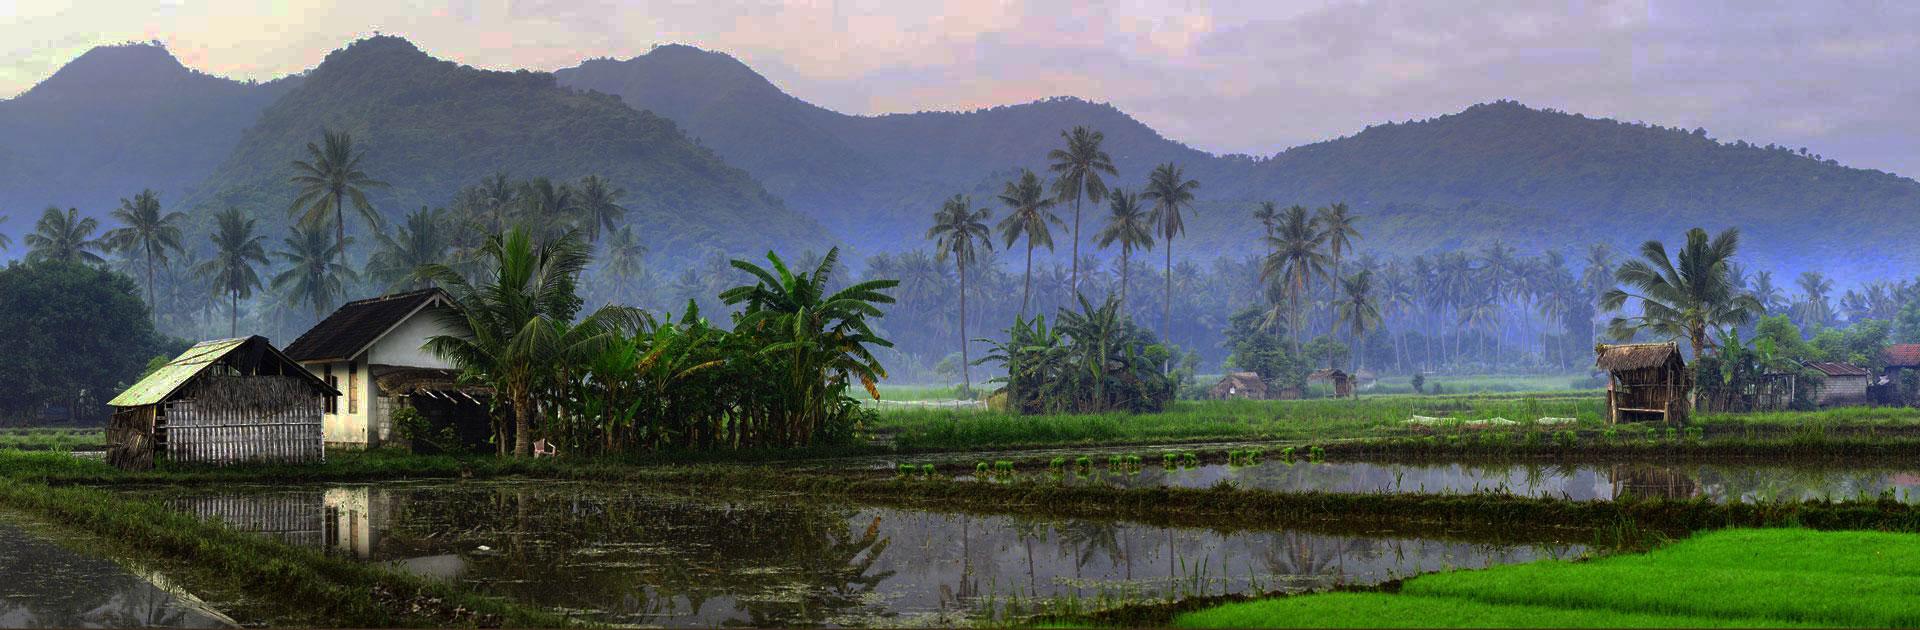 ID Esencia de Bali 11 días 3